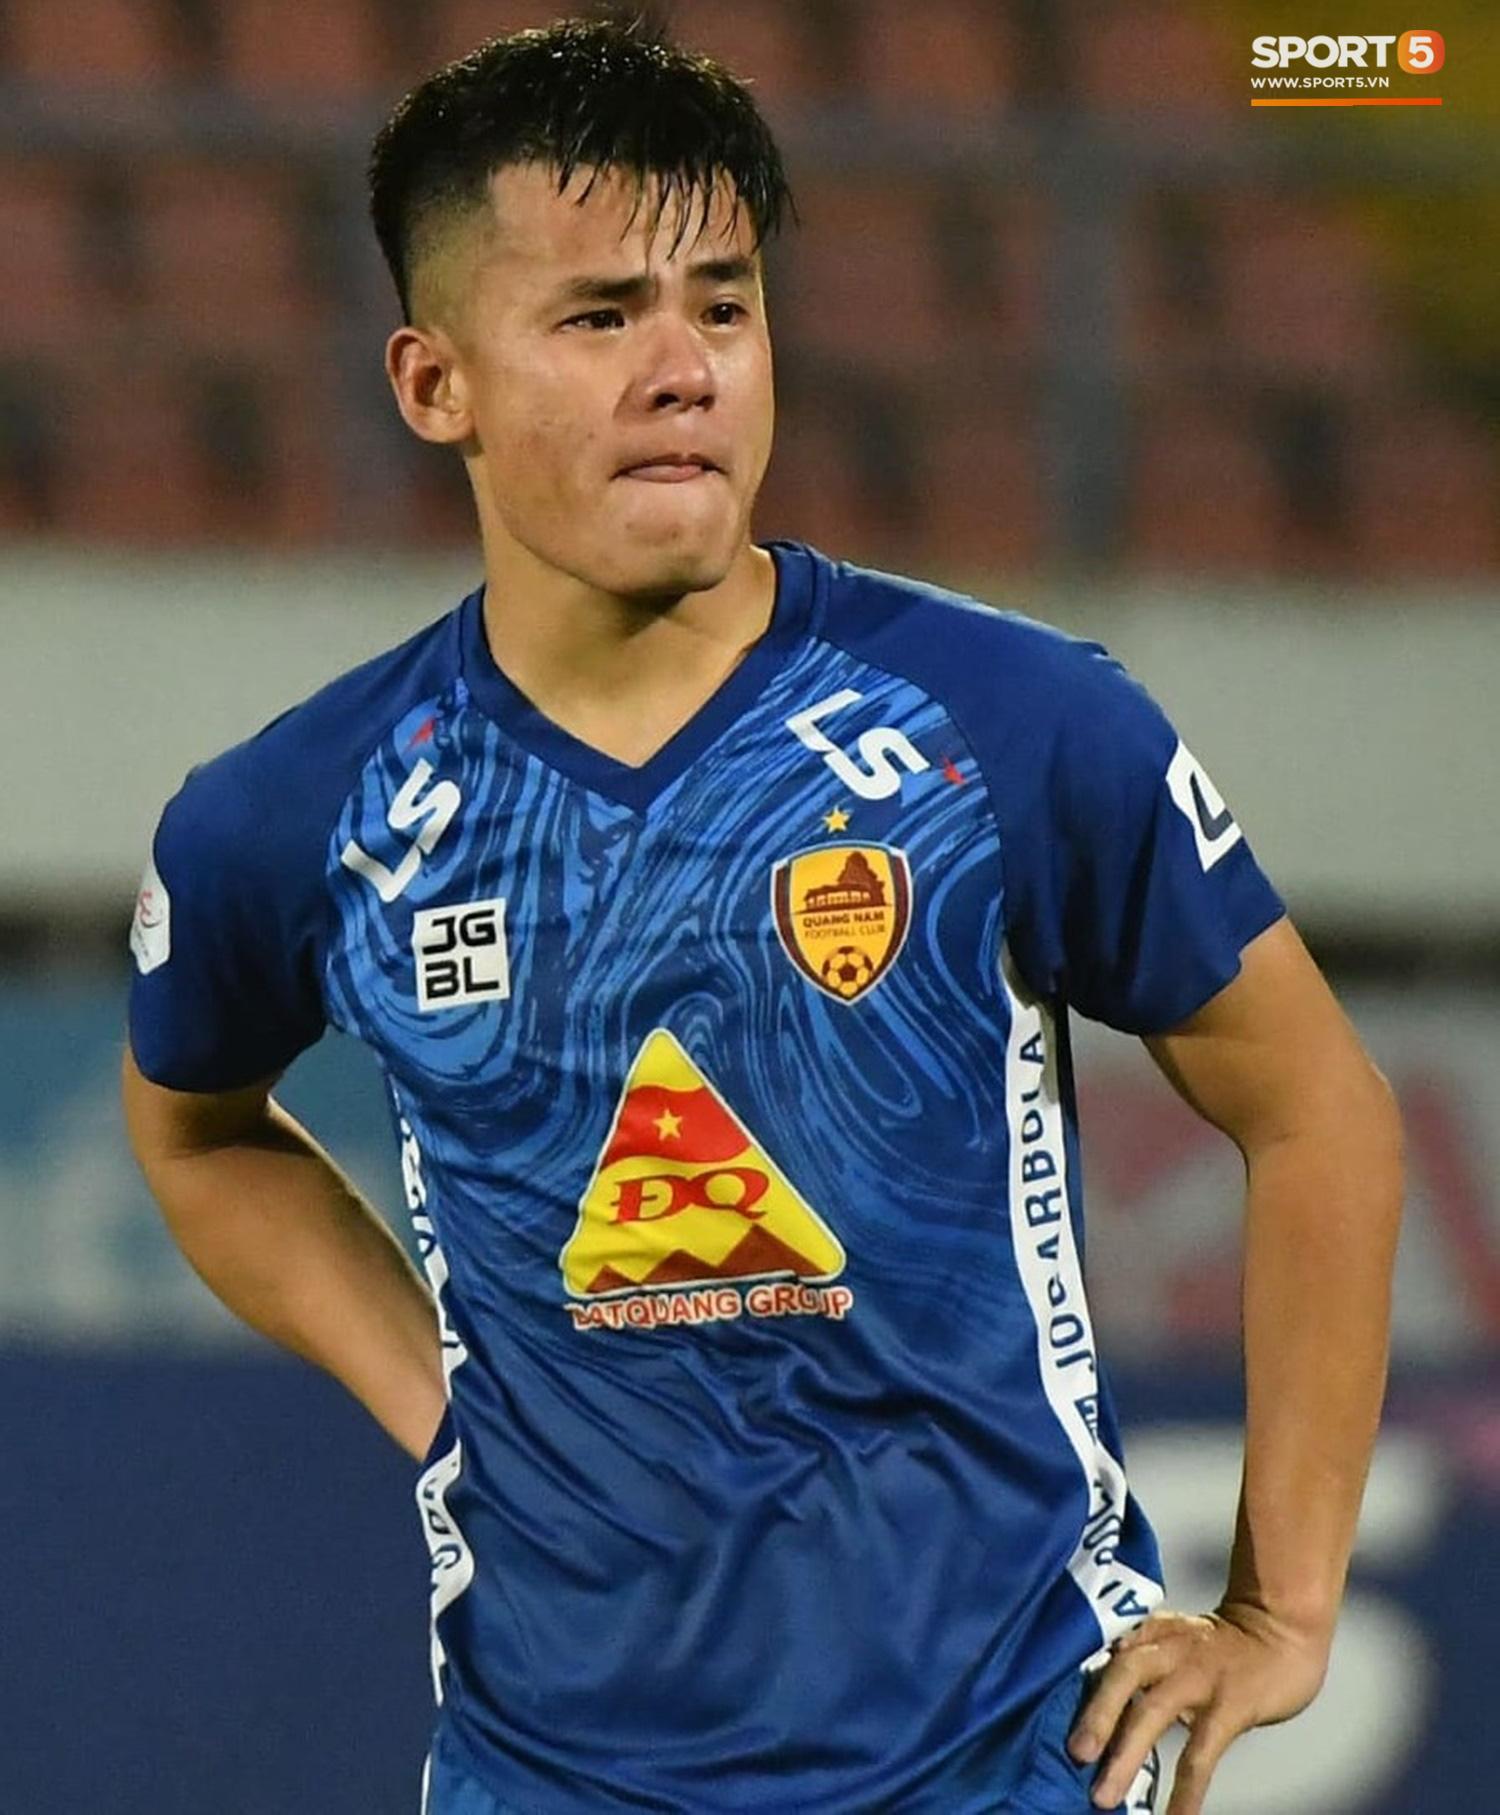 Cầu thủ Quảng Nam bật khóc, gục ngã khi phải rời giải đấu xịn nhất Việt Nam - Ảnh 3.